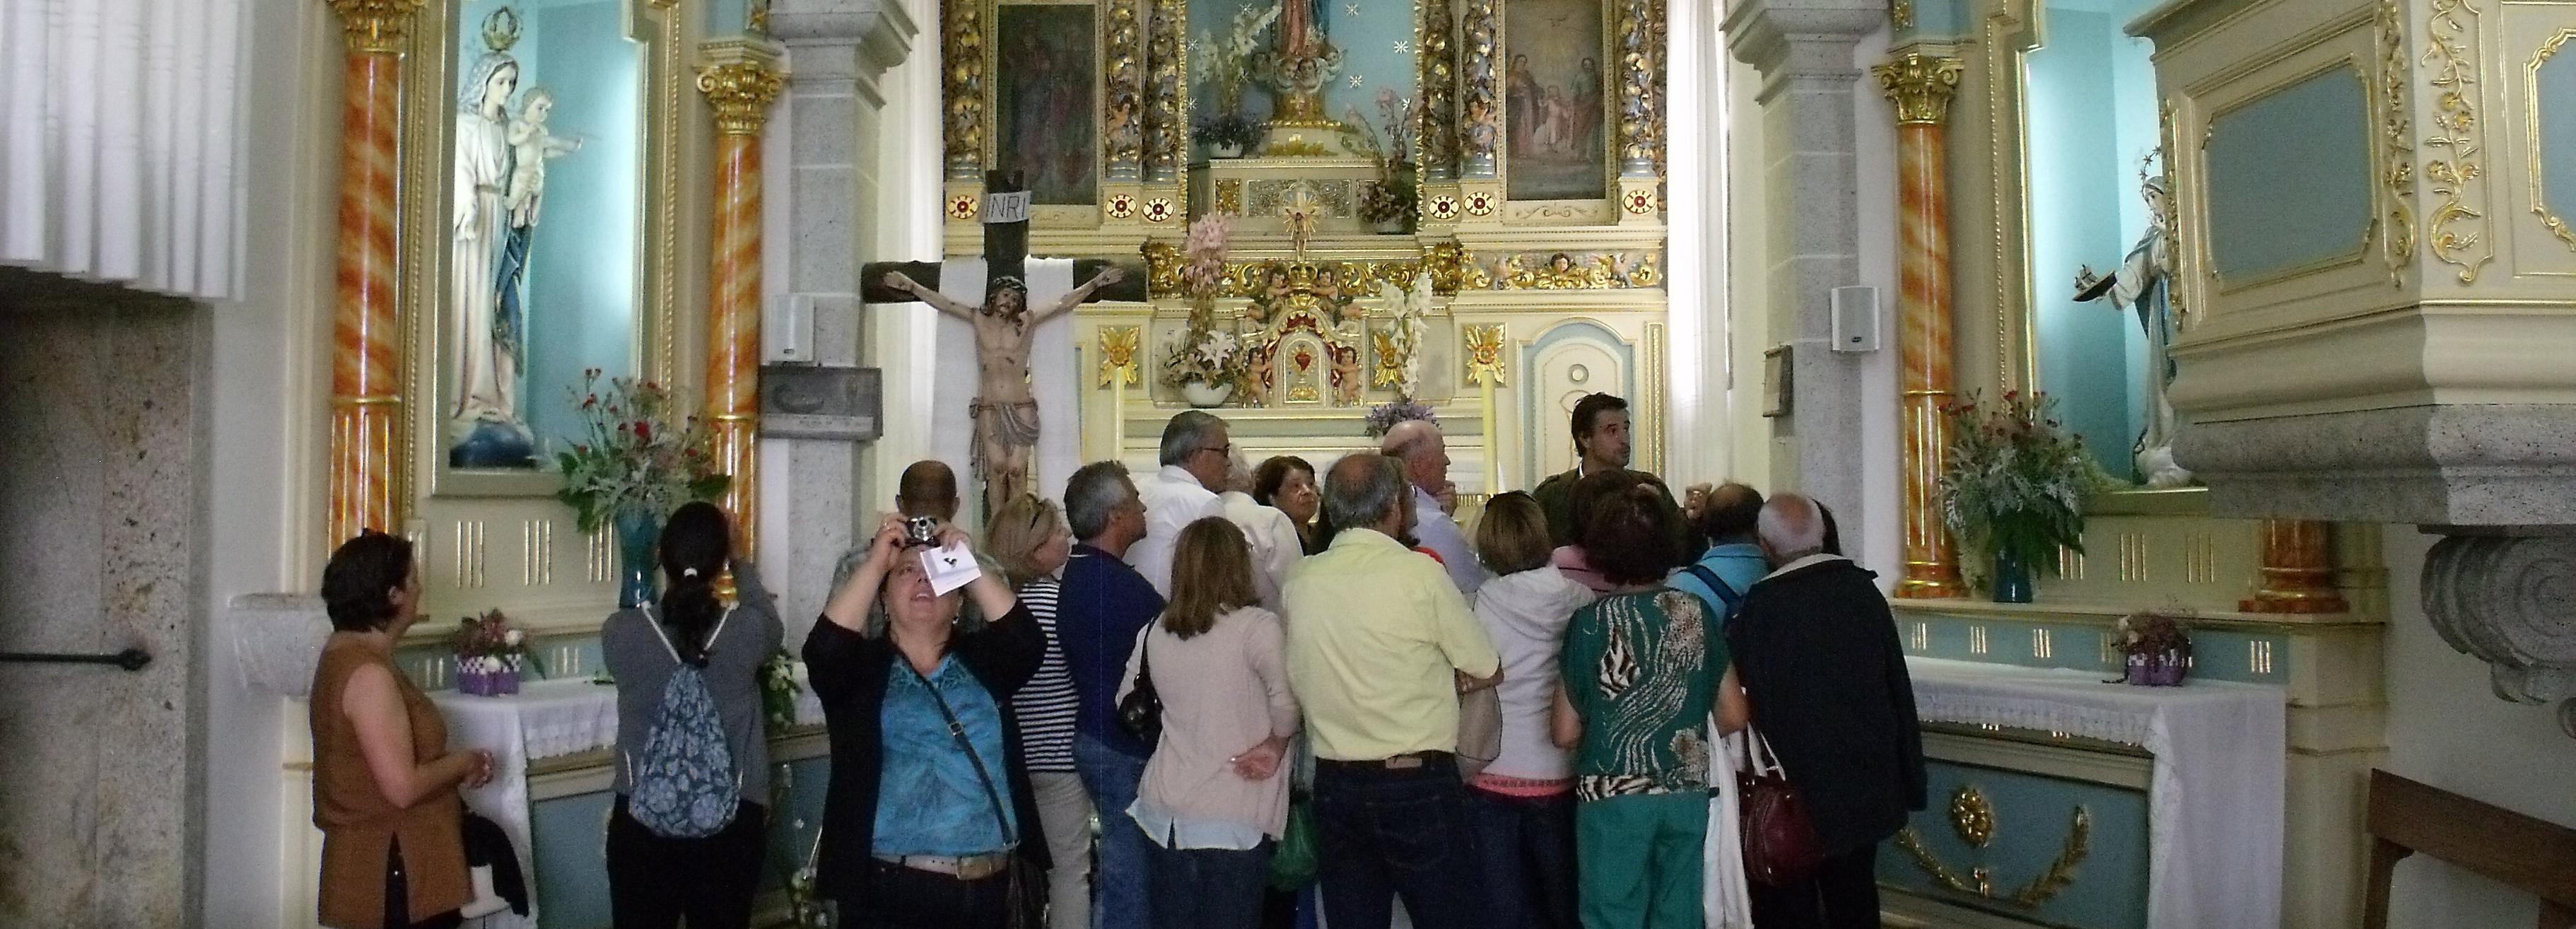 VIII Rota dos Santuários e Igrejas de Barcelos visitou monumentos de Aldreu, Balugães e Lijó